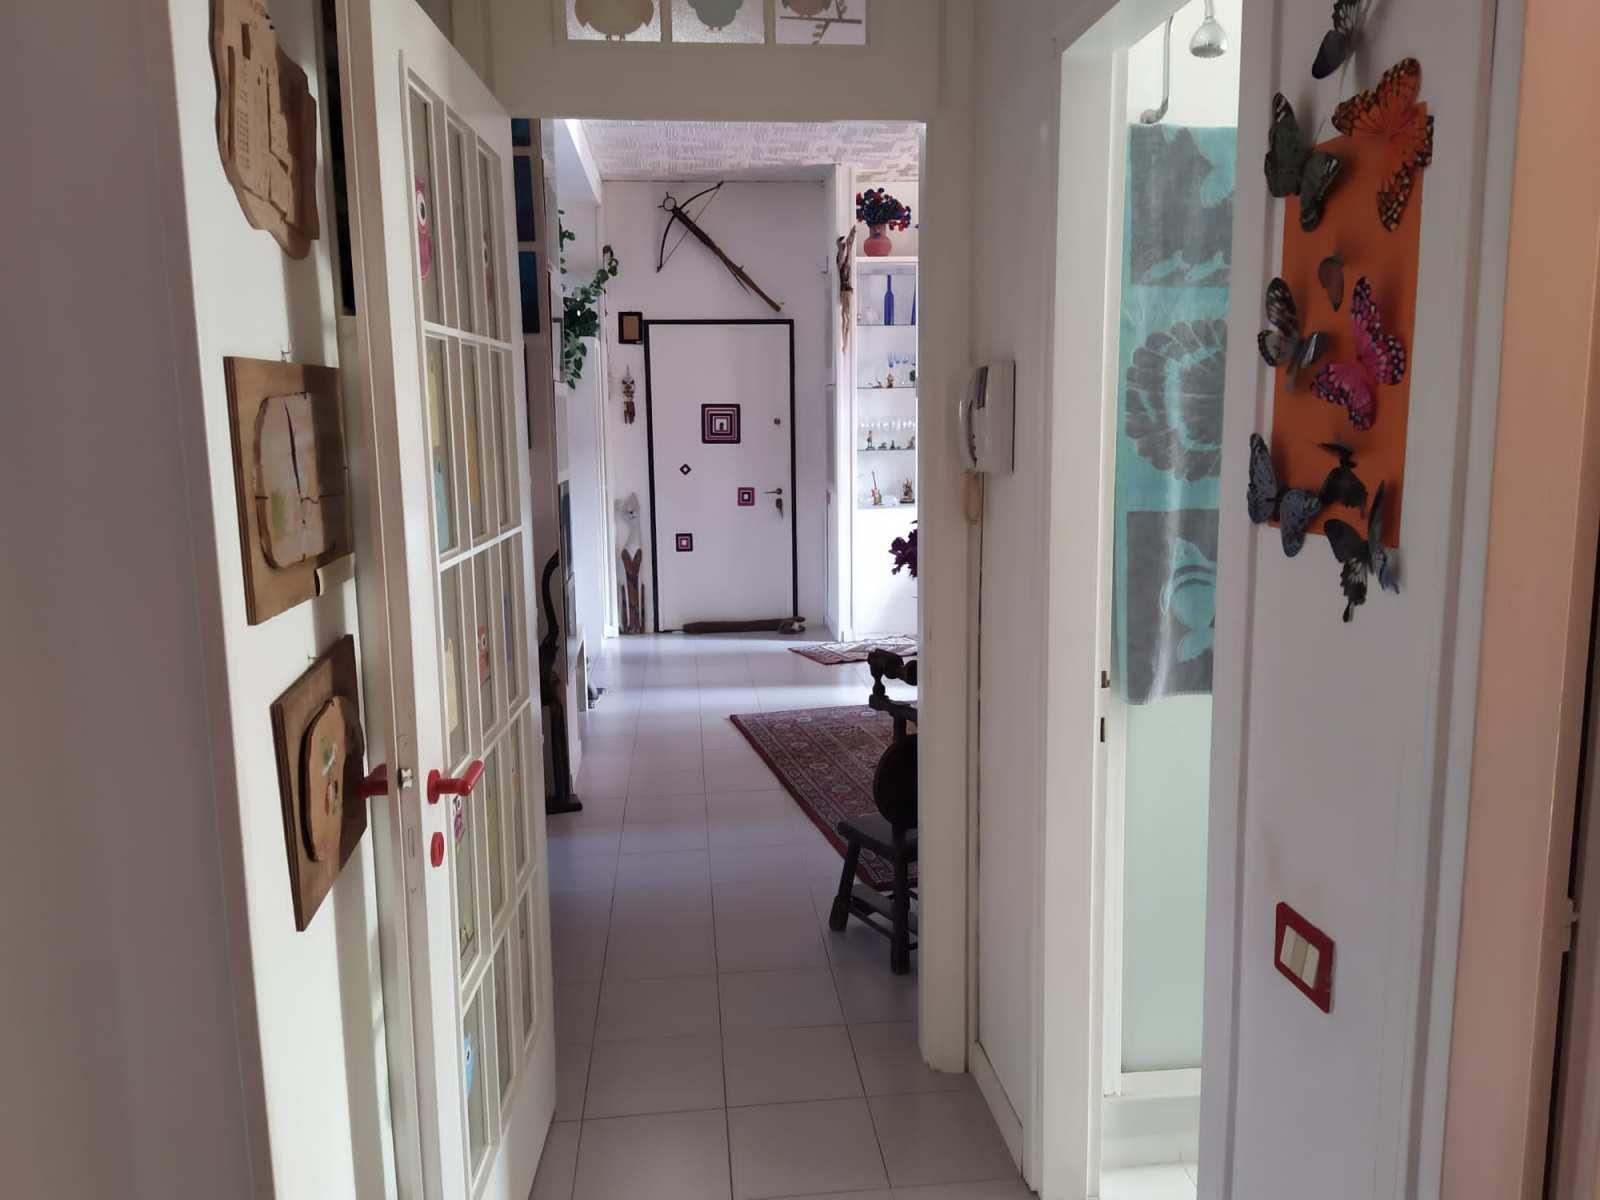 appartamento-in-vendita-a-milano-bagio-3-locali-via-cabella-spaziourbano-immobiliare-vende-19